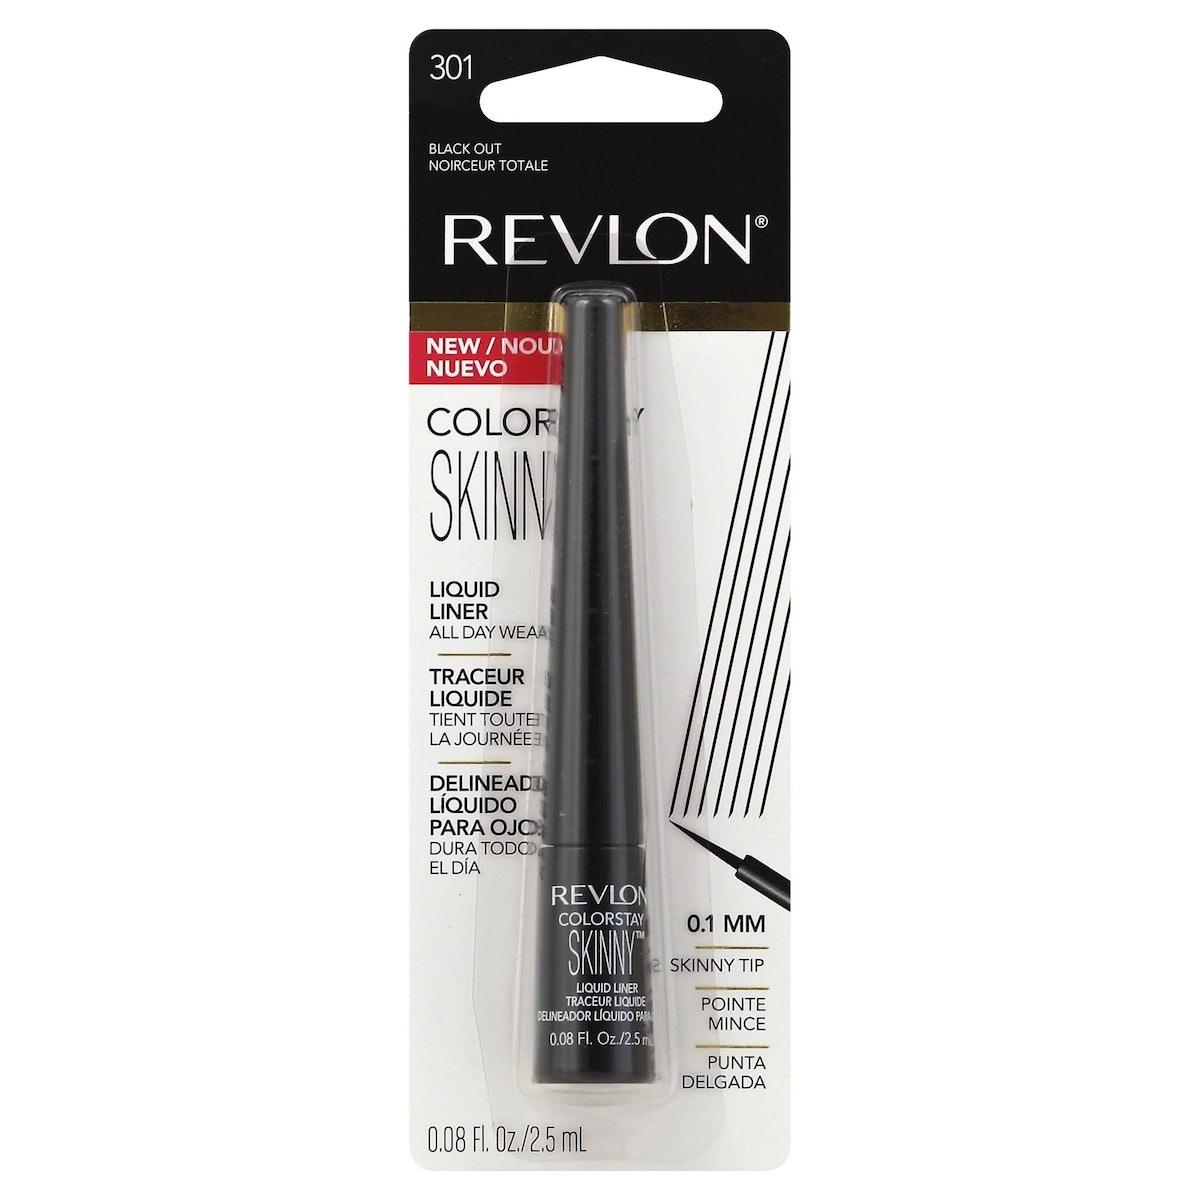 Revlon Colorstay Skinny Liquid Liner, 301 Black Out, 0.08 Fl Oz